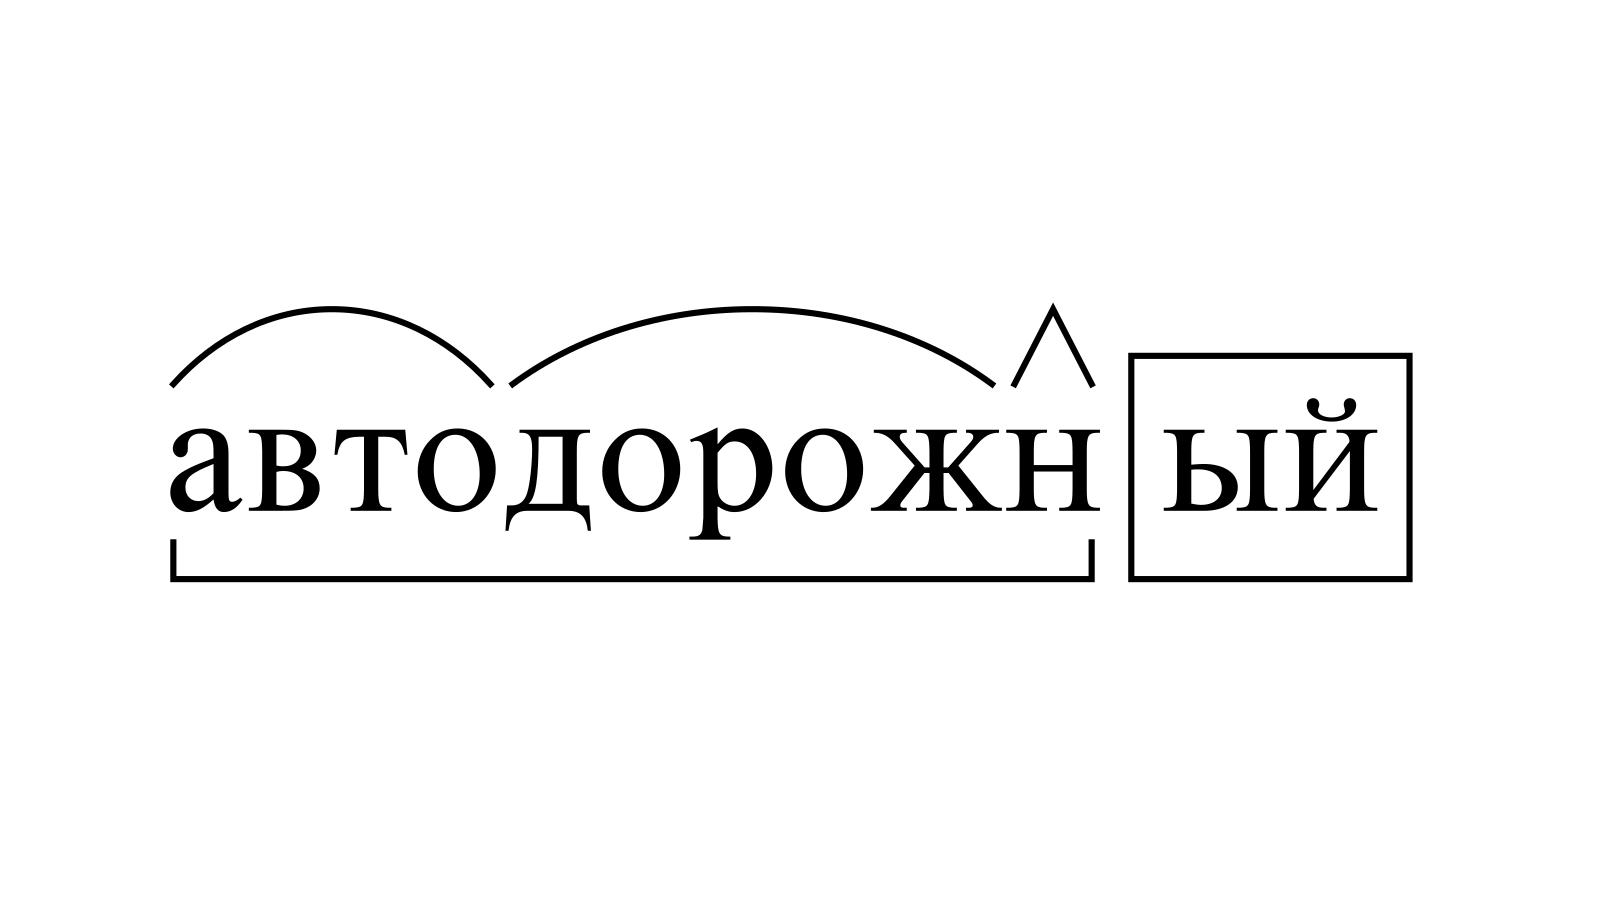 Разбор слова «автодорожный» по составу